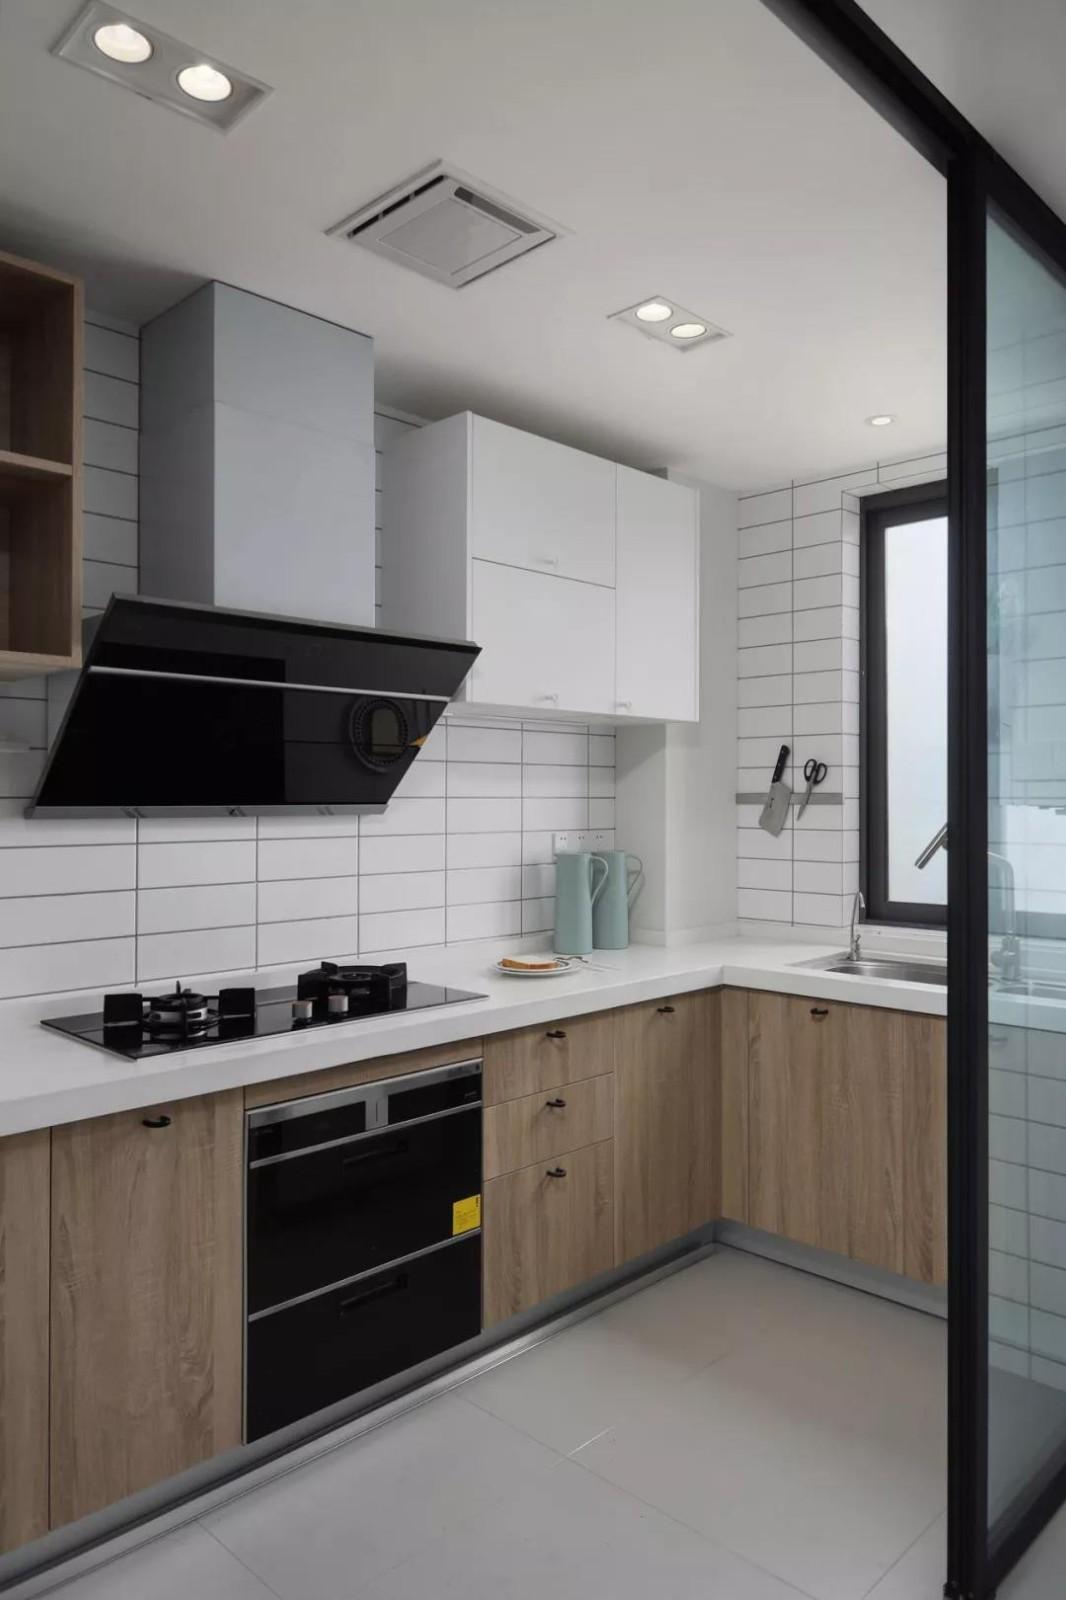 2021現代簡約廚房裝修圖 2021現代簡約廚房島臺效果圖